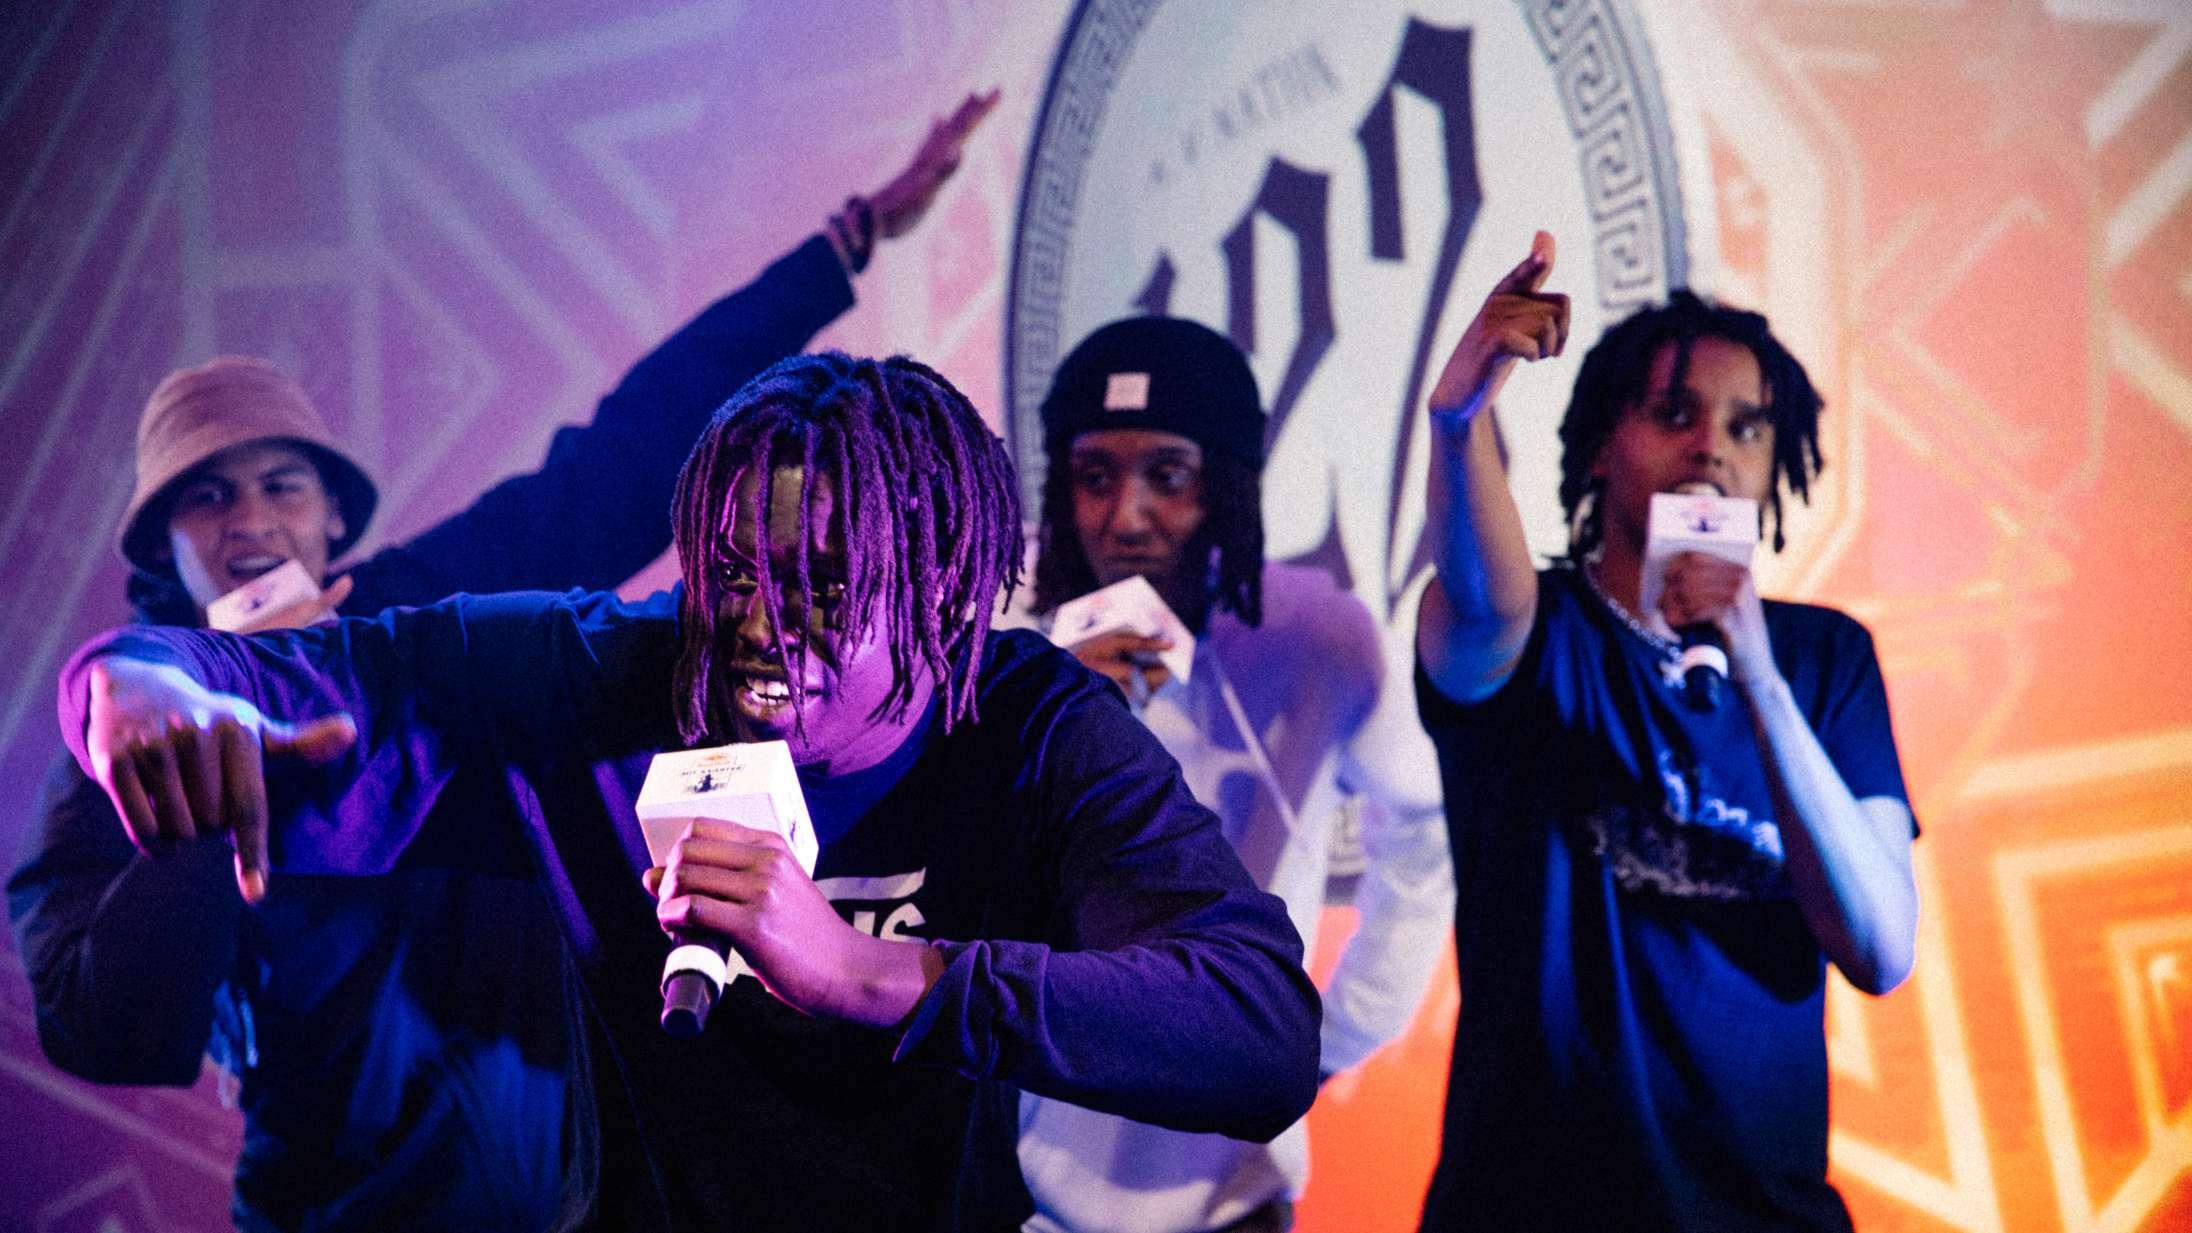 Tre hiphop-crews, der har inspireret Hunnid22: »De er familie, og man kan mærke det«